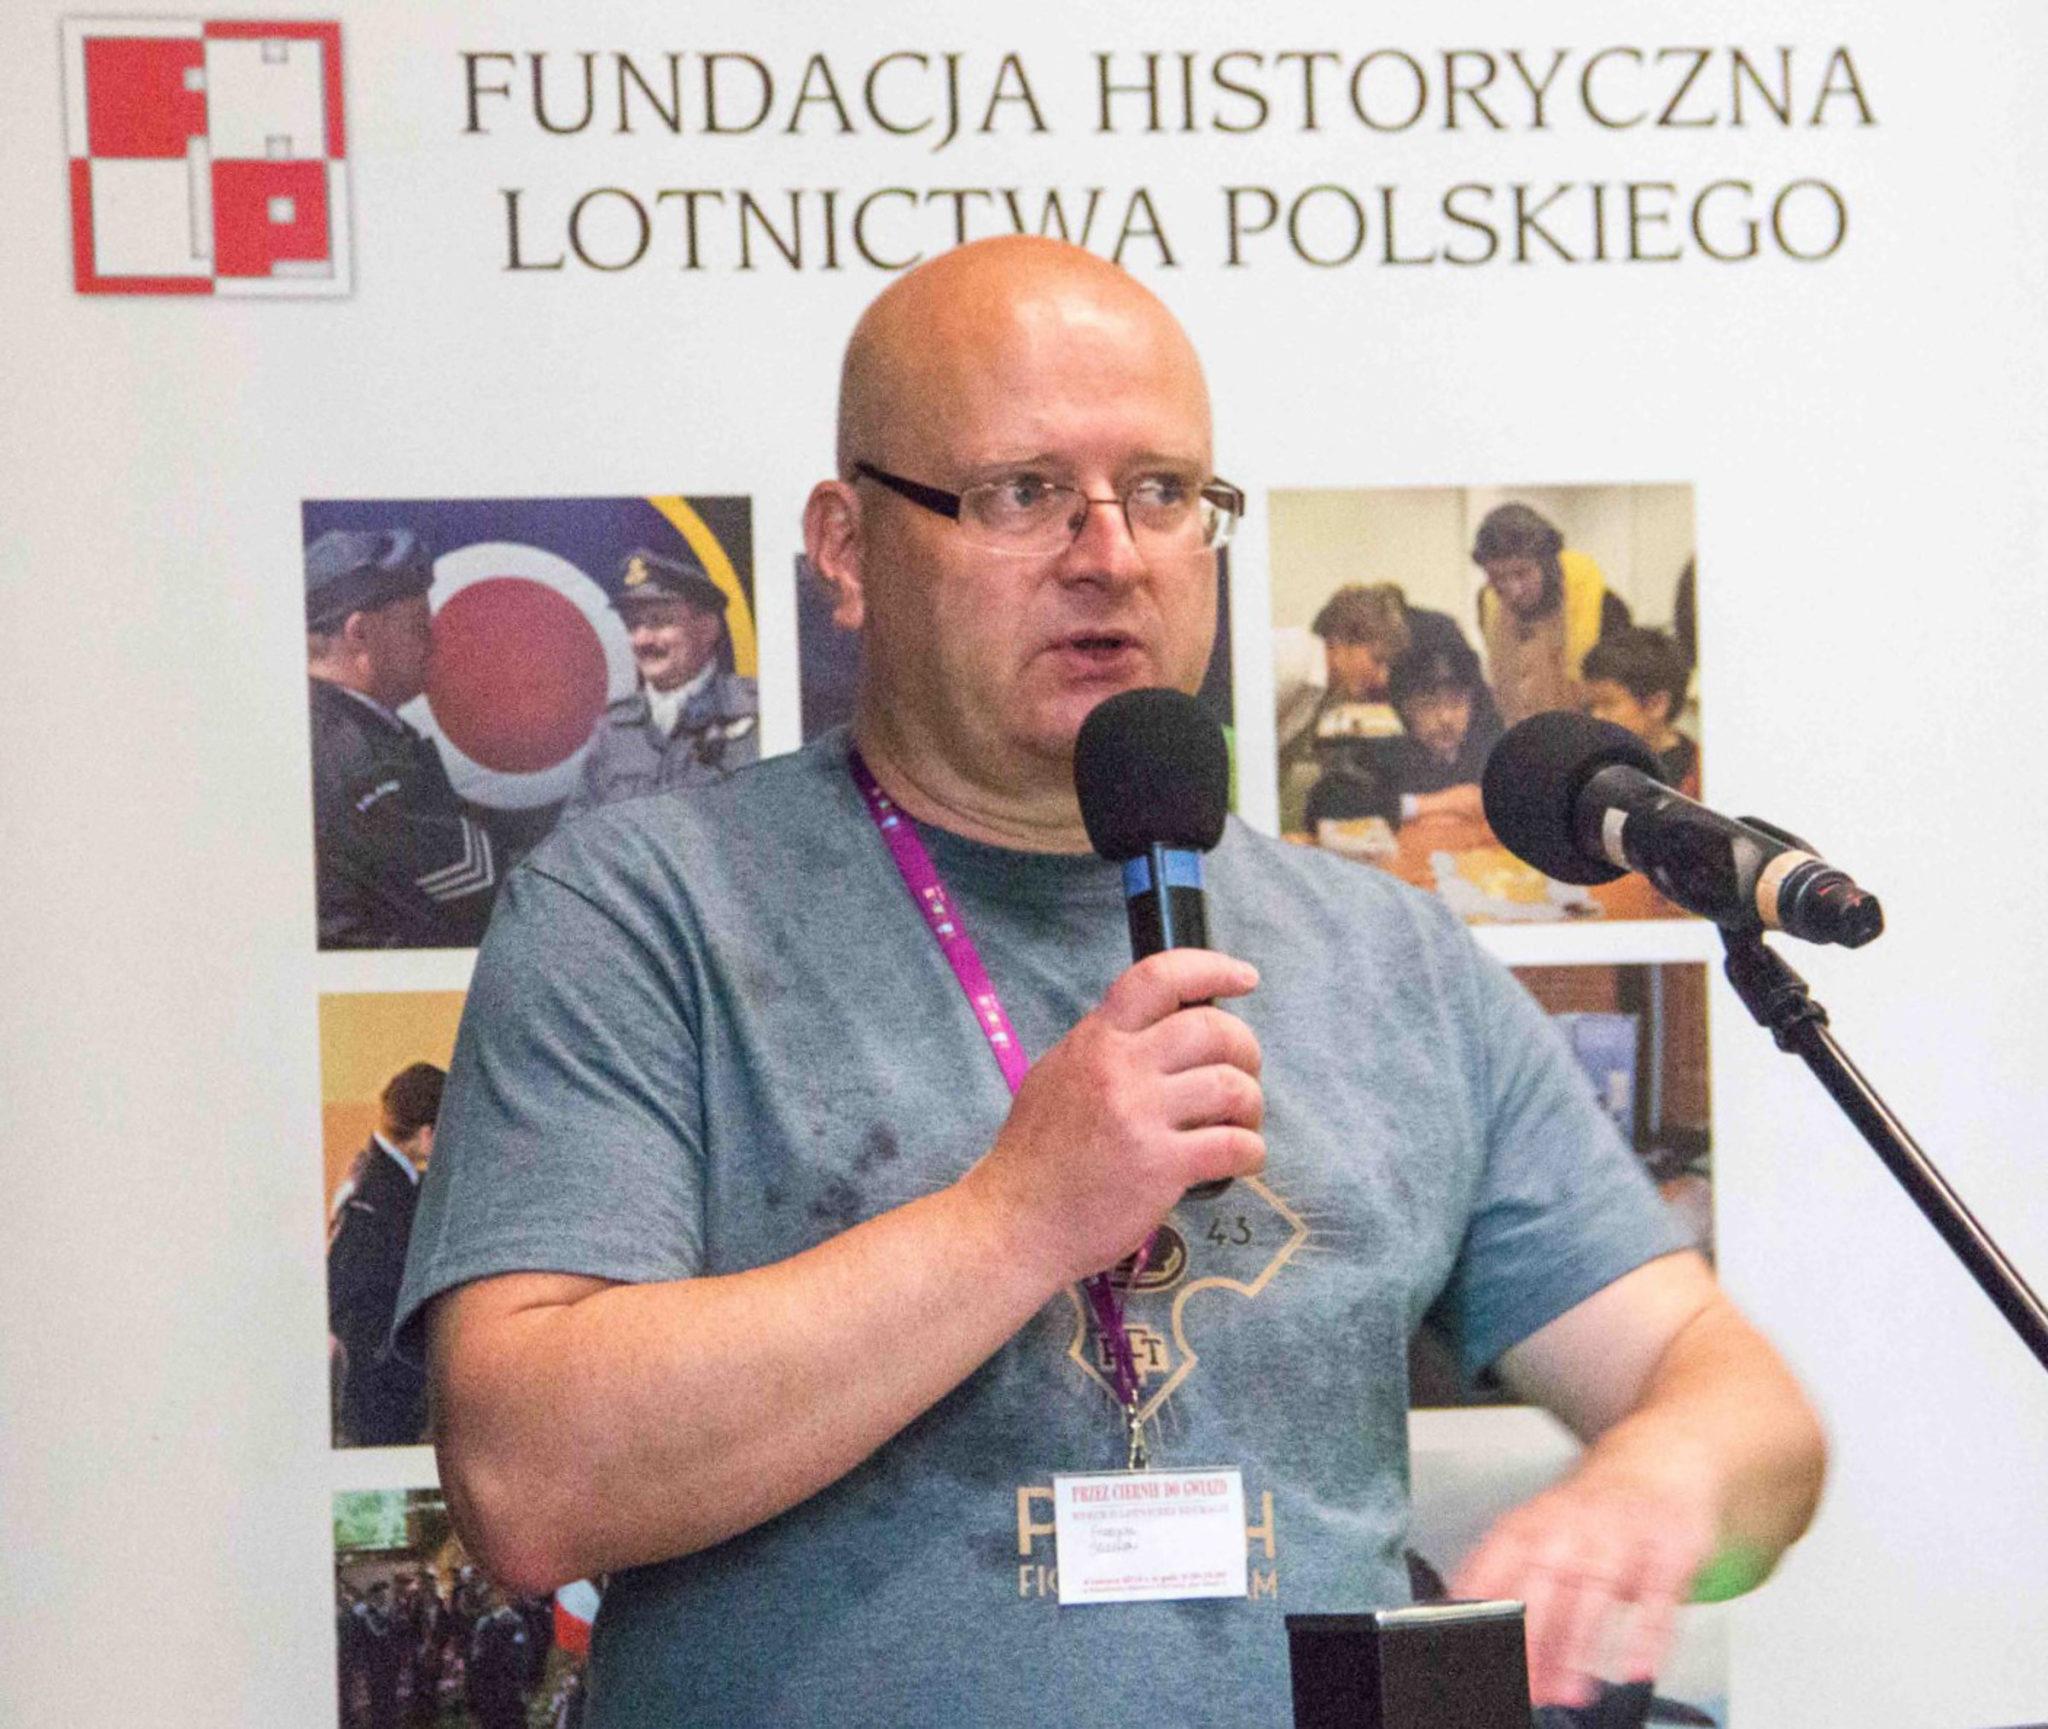 Grzegorz śliżewski